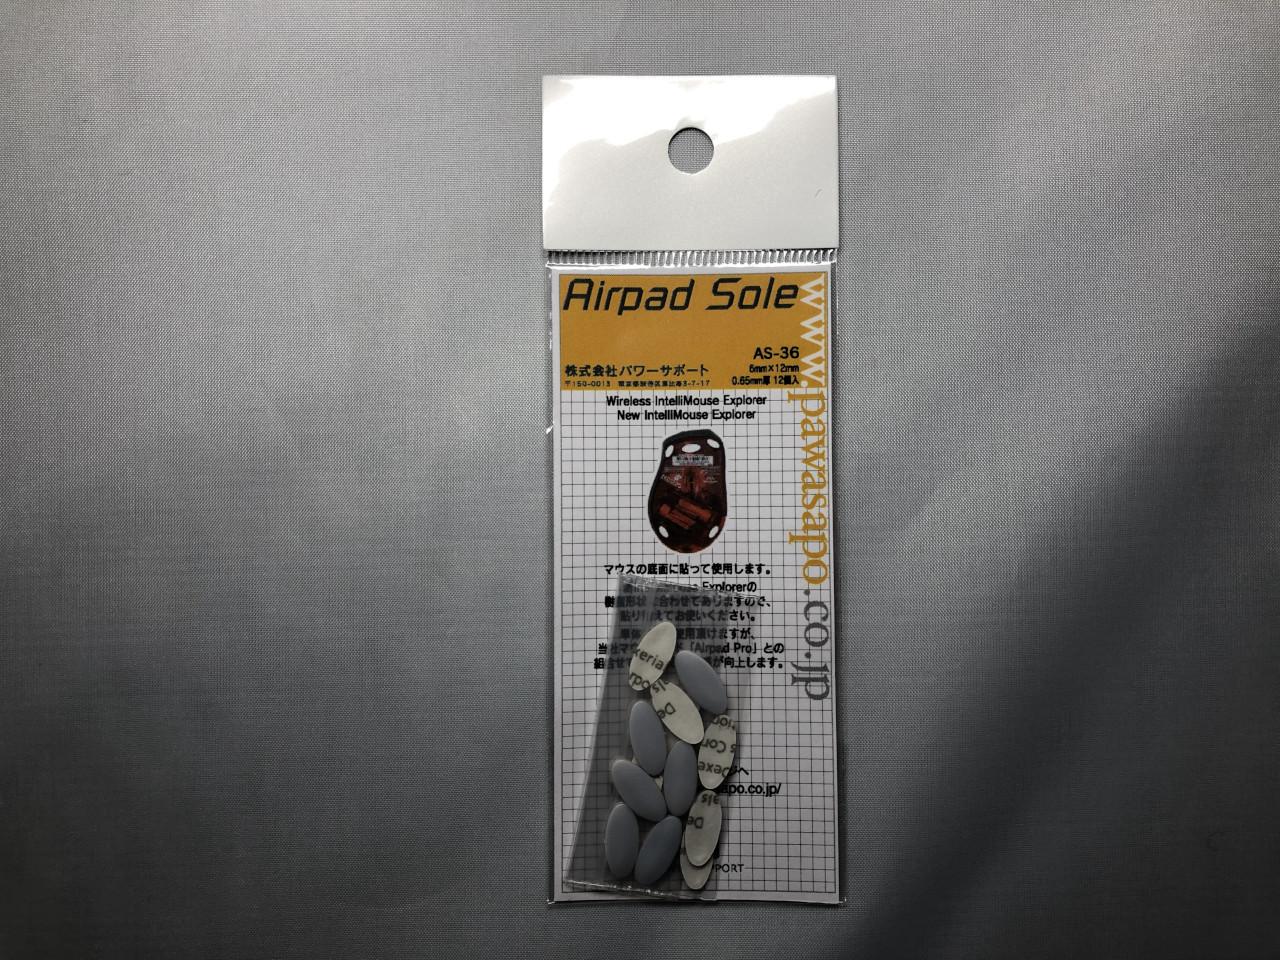 パワーサポート - Airpad Sole(楕円形)